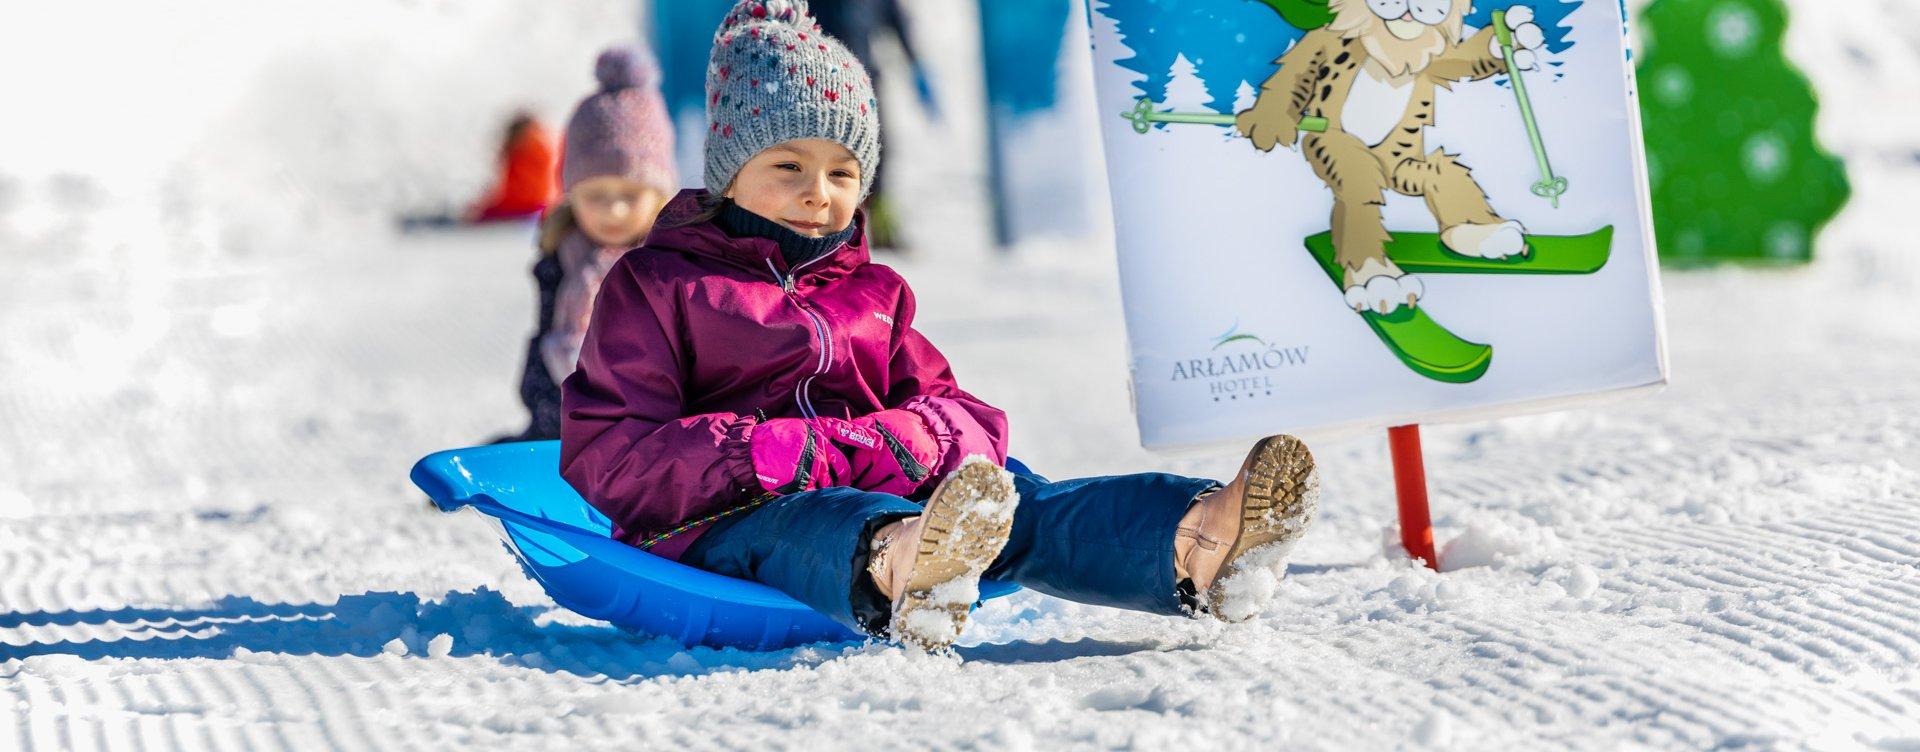 Winter holidays in Arłamów Hotel